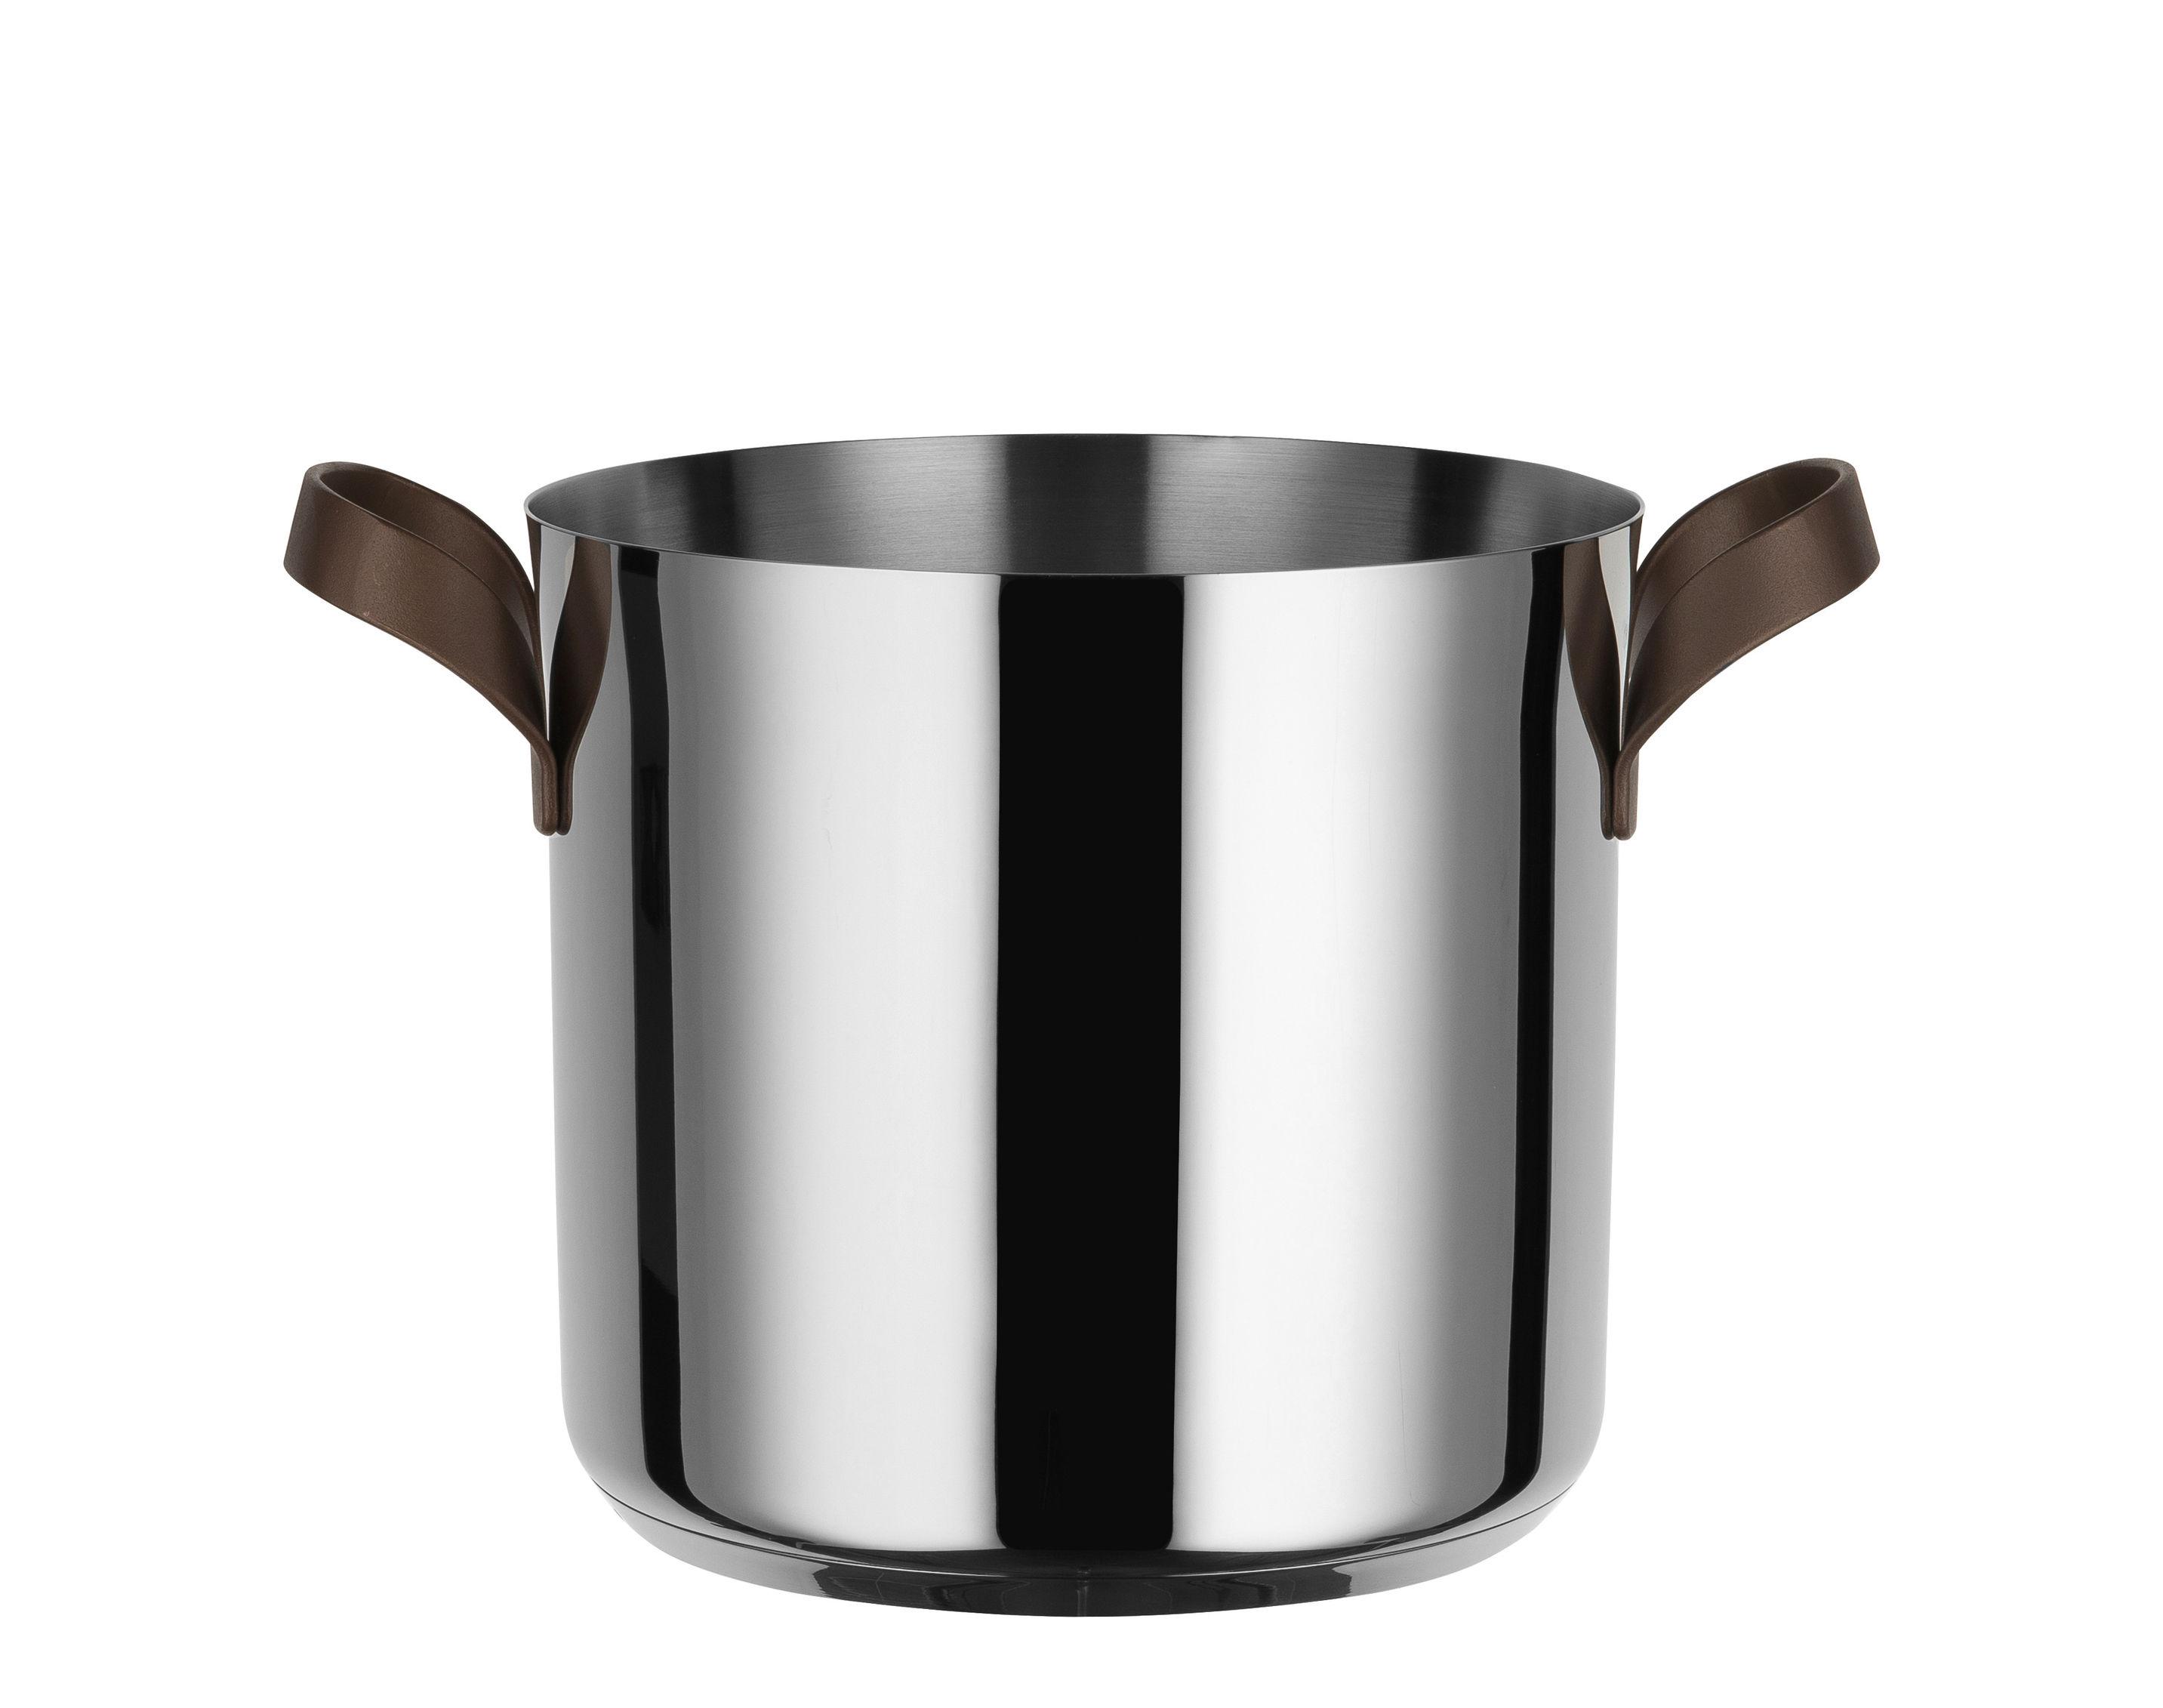 Küche - Pfannen, Koch- und Schmortöpfe - Edo Schmortopf / H 19 cm - 4,9 l - Alessi - Stahl / Griffe braun - Acier inoxydable 18/10